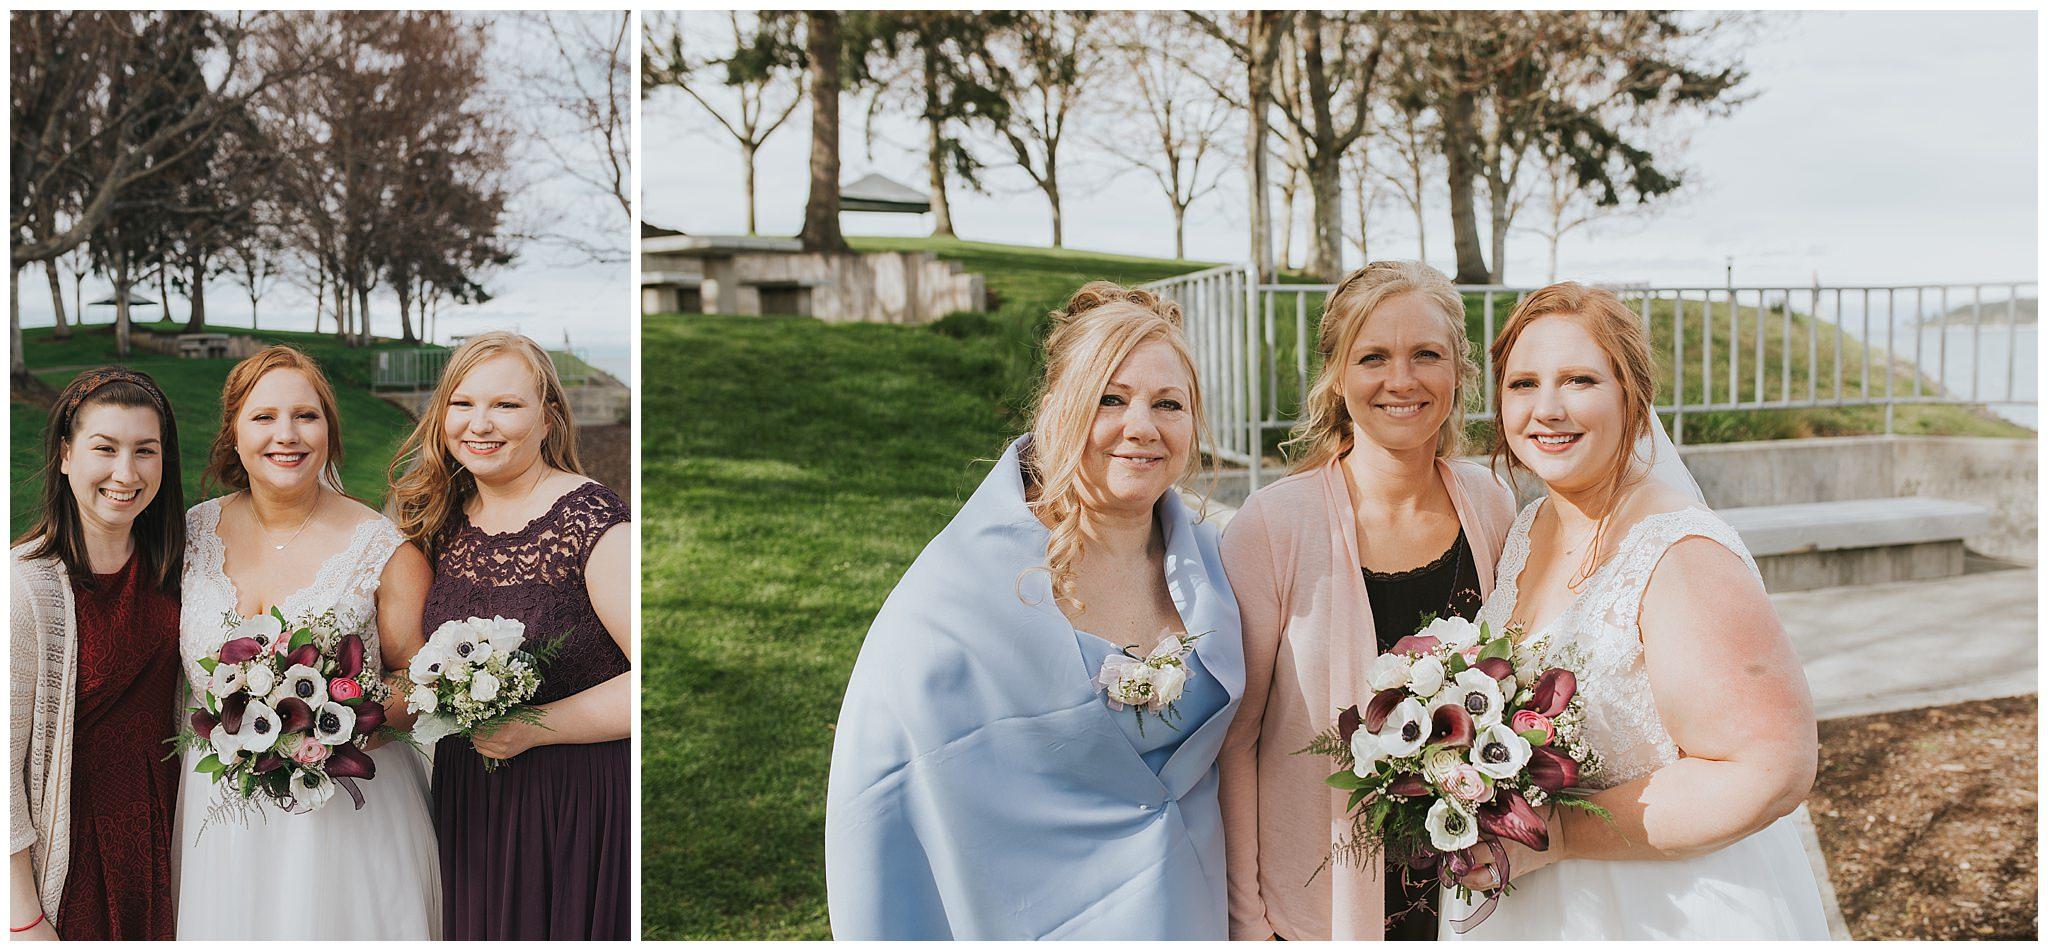 seattleweddingphotography40.jpg